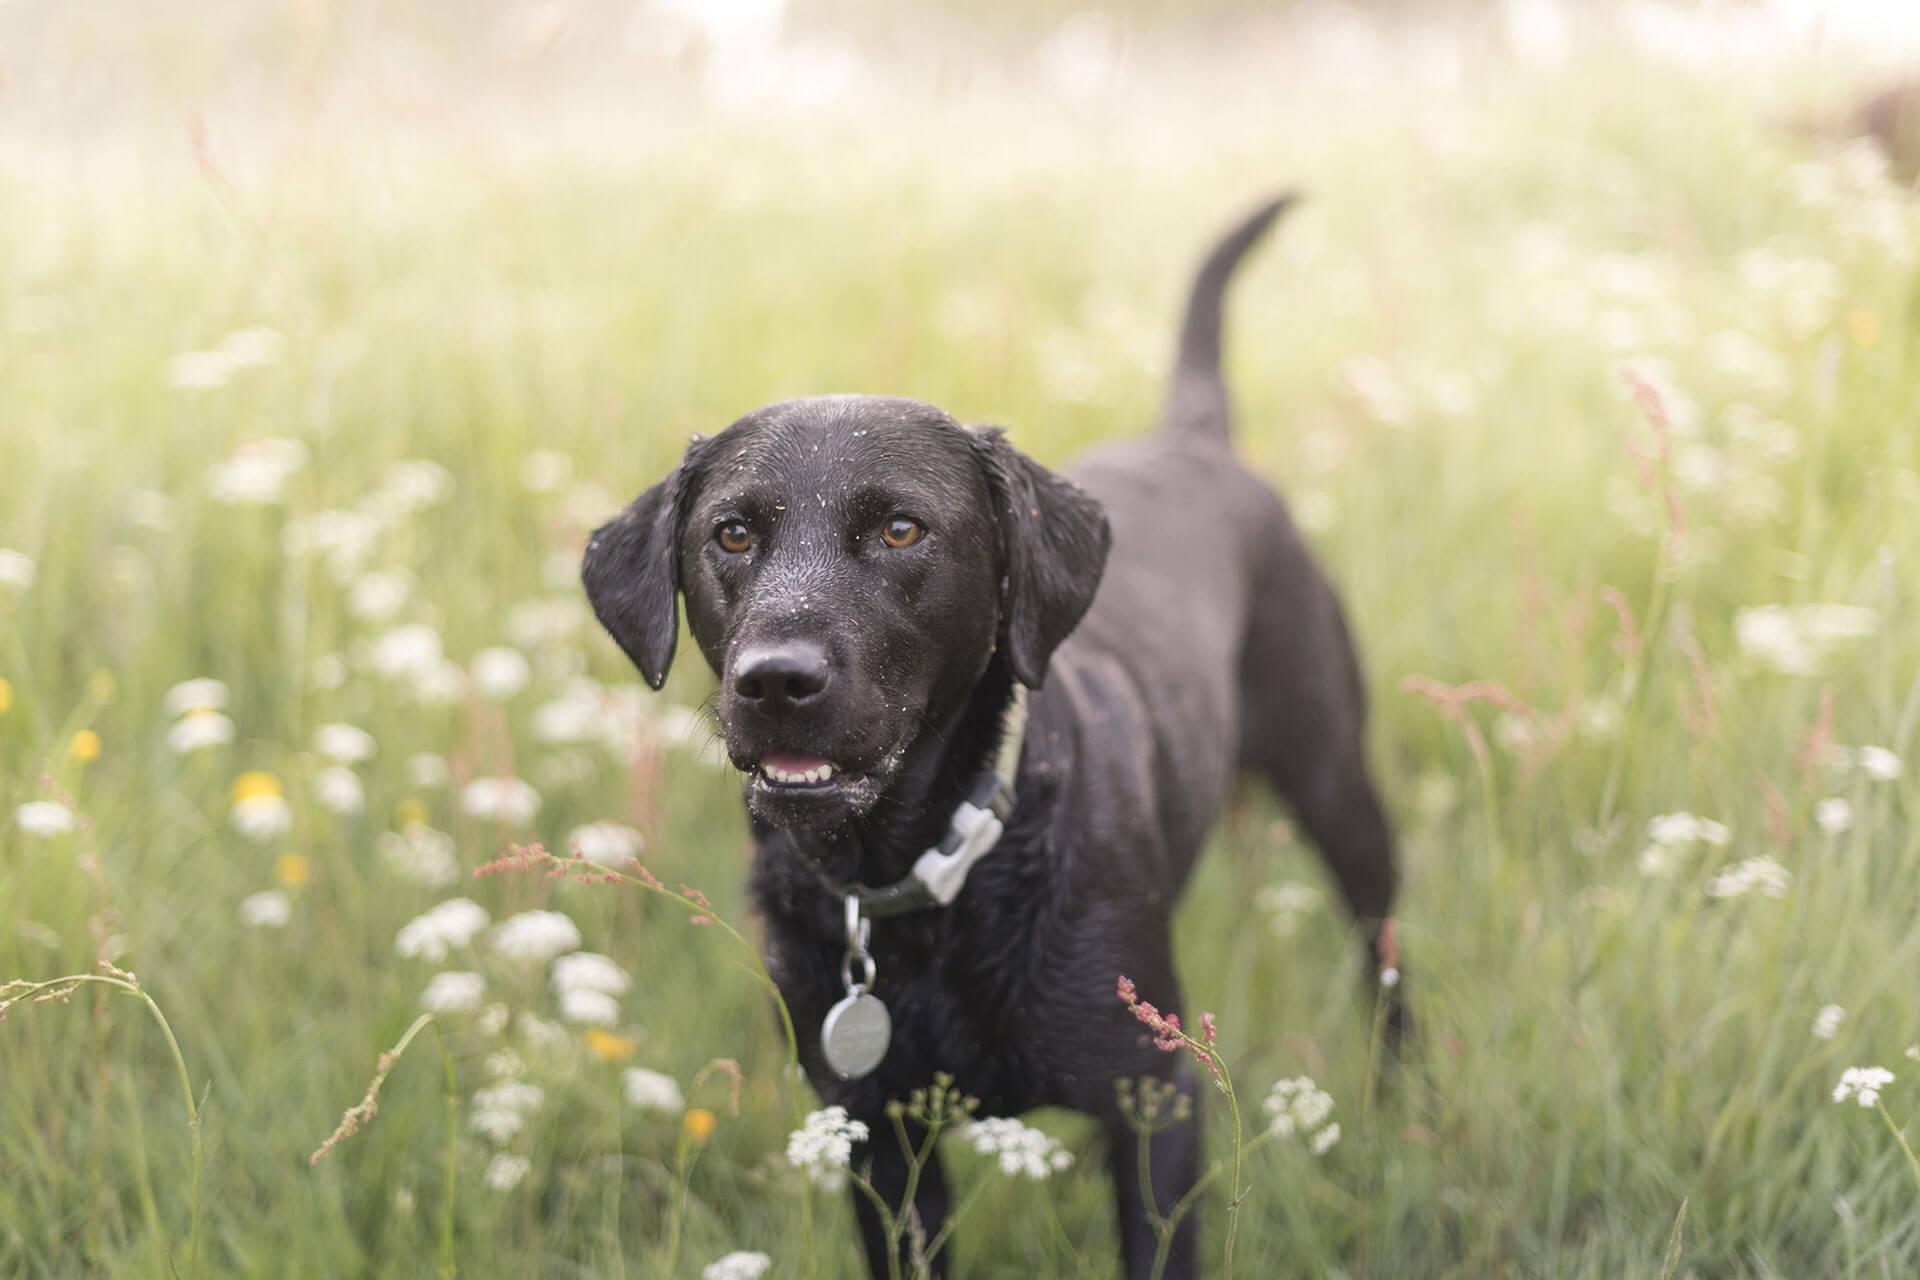 Mela's story - a shelter dog